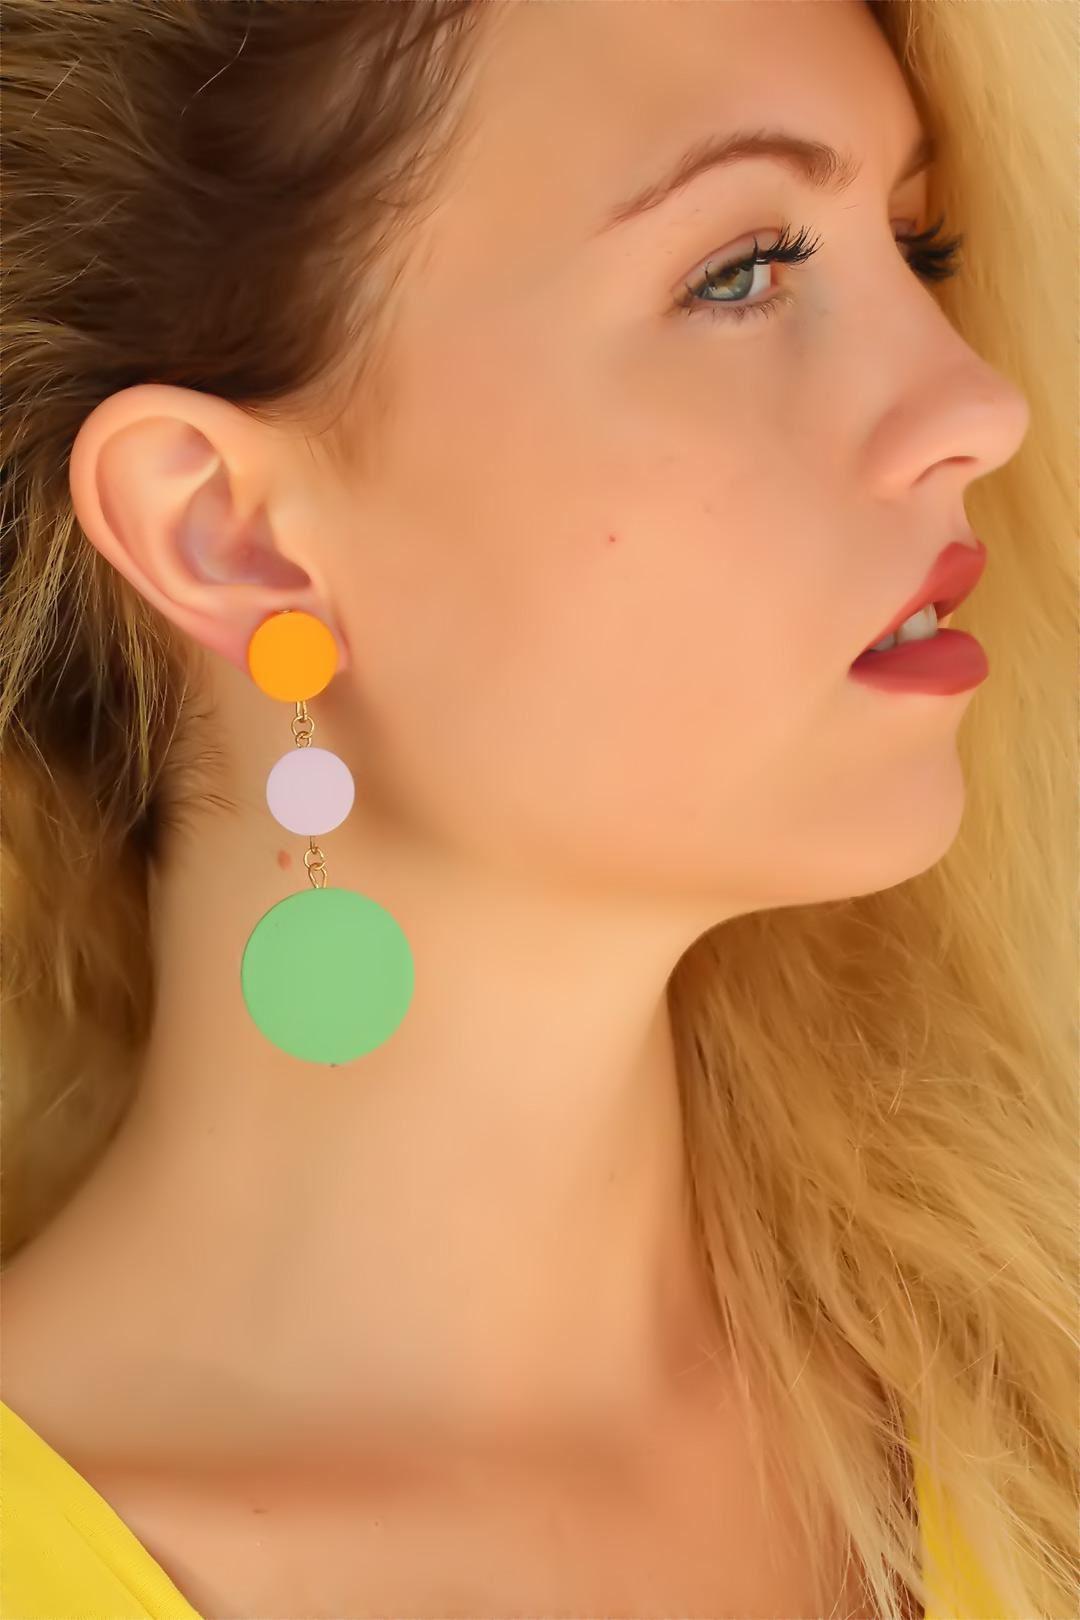 Mor Turuncu Yeşil Renk Bayan Sallantı Küpe